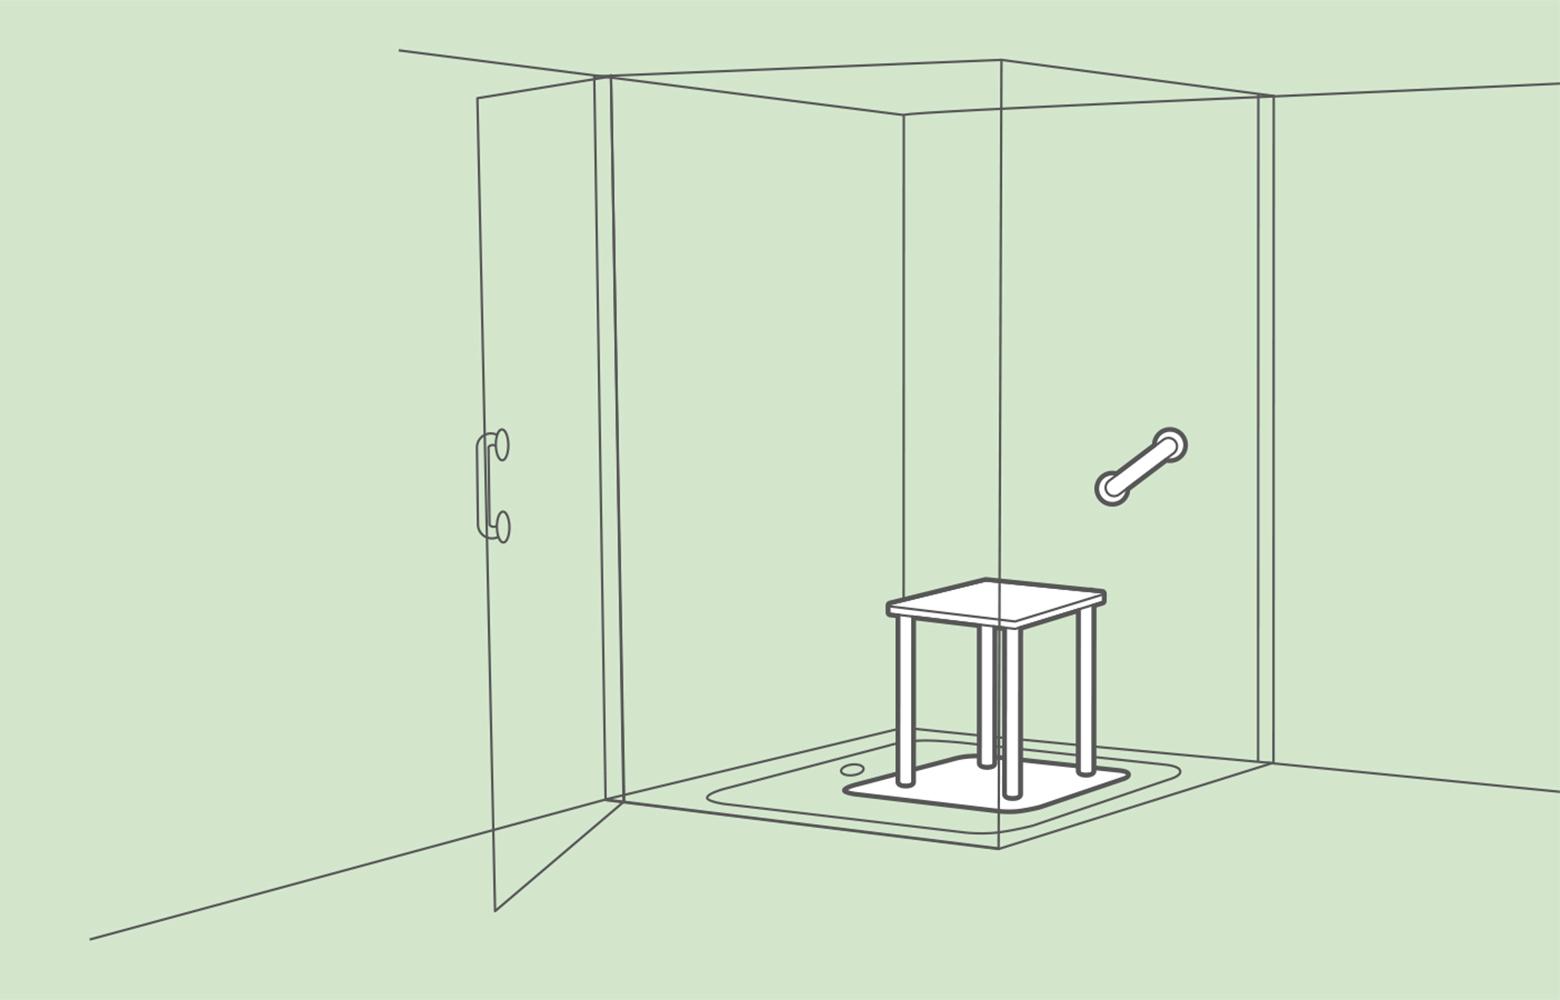 Full Size of Begehbare Dusche Behindertengerechte Barrierefreie Pflegede Hüppe Ebenerdige Schiebetür Nischentür 90x90 Unterputz Armatur Badewanne Mit Tür Und Bidet Dusche Begehbare Dusche